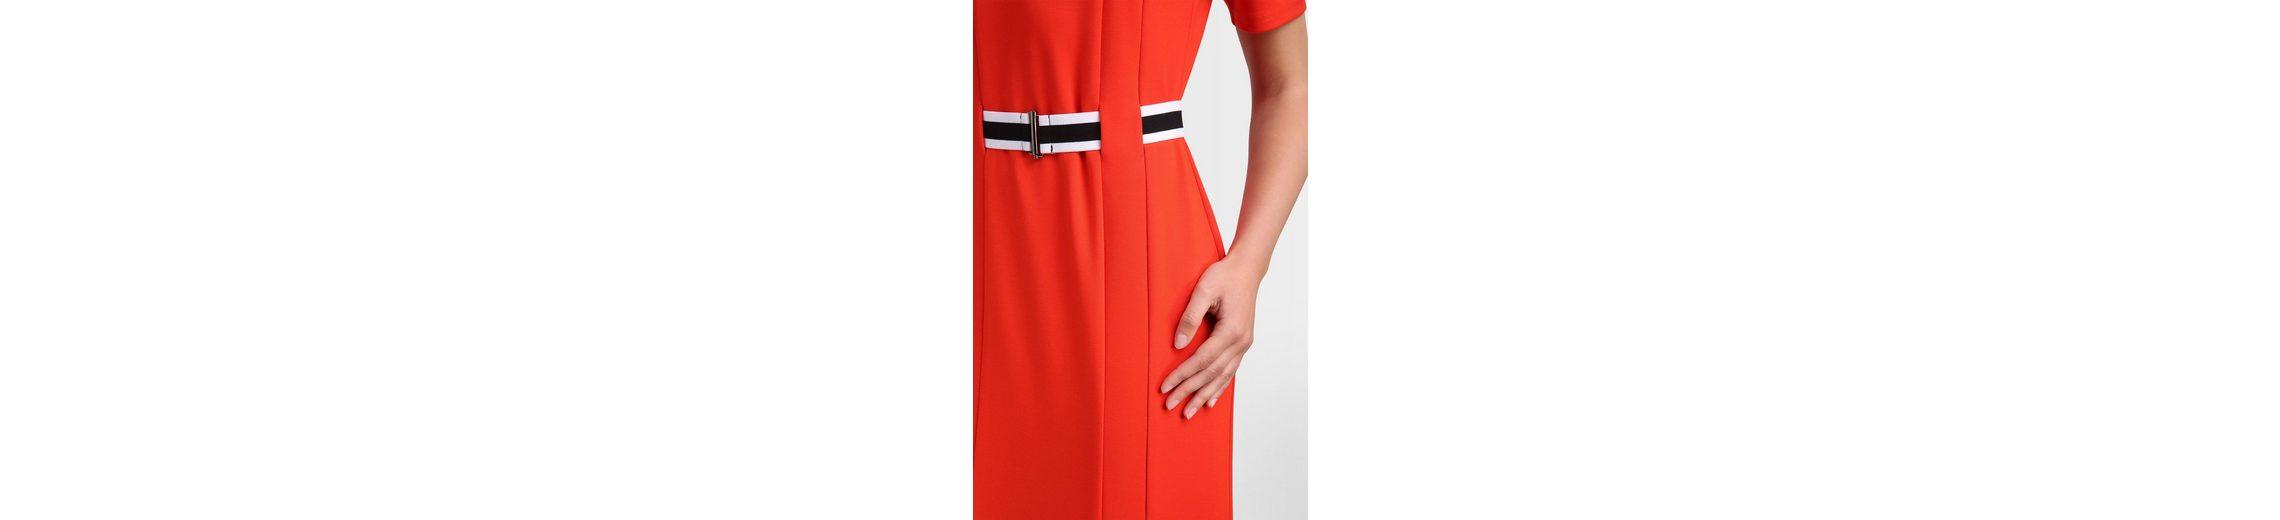 Hohe Qualität Günstiger Preis Rabatt Genießen Apart Jerseykleid Günstig Kaufen Mode-Stil Suche Zum Verkauf Günstig Kaufen Gefälschte wInXZNNs